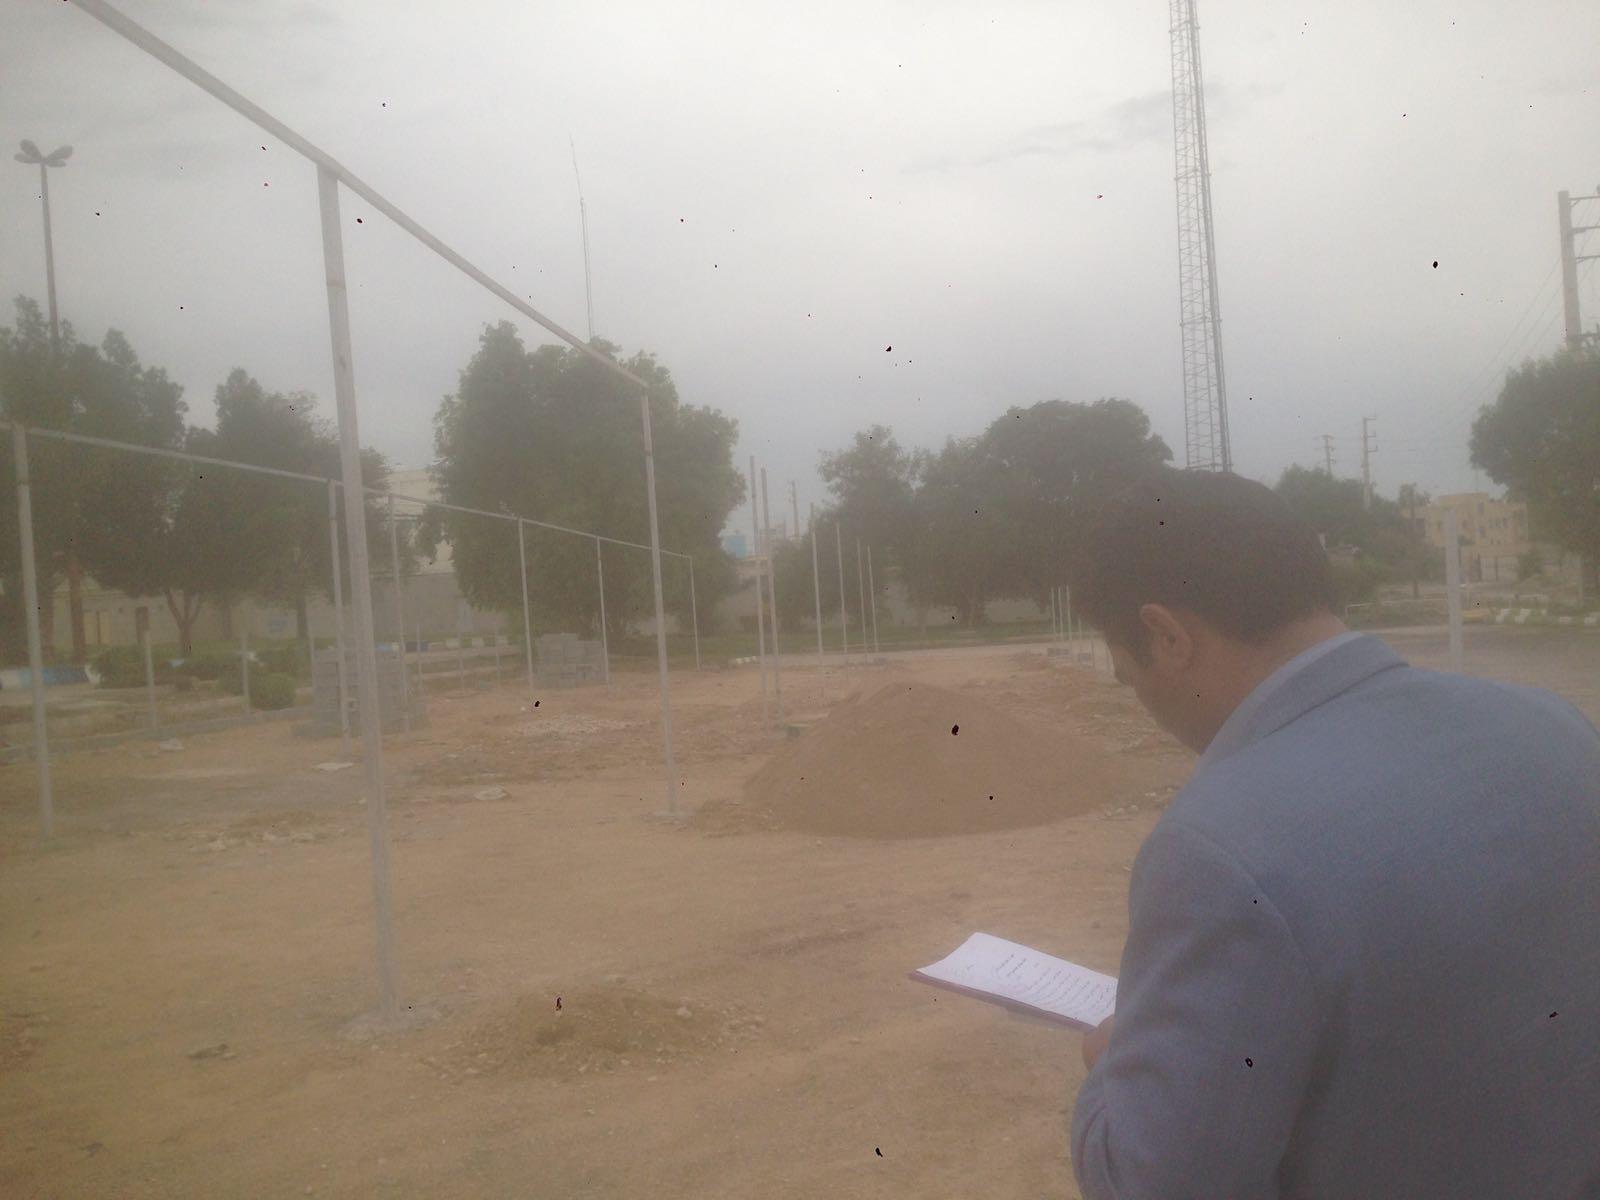 علی پور جم: هدف اصلي ما از احداث اين نهالستان، توليد گل و نهال جهت اجرا در فضاي سبز سطح شهر مي باشد